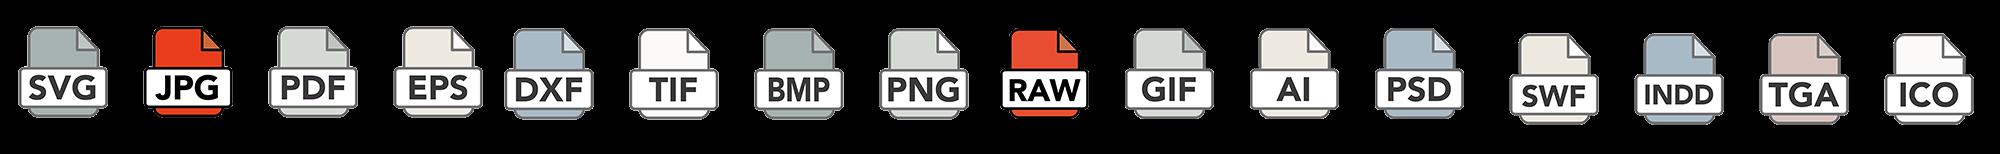 jpeg JPEG RAW raw file types icon